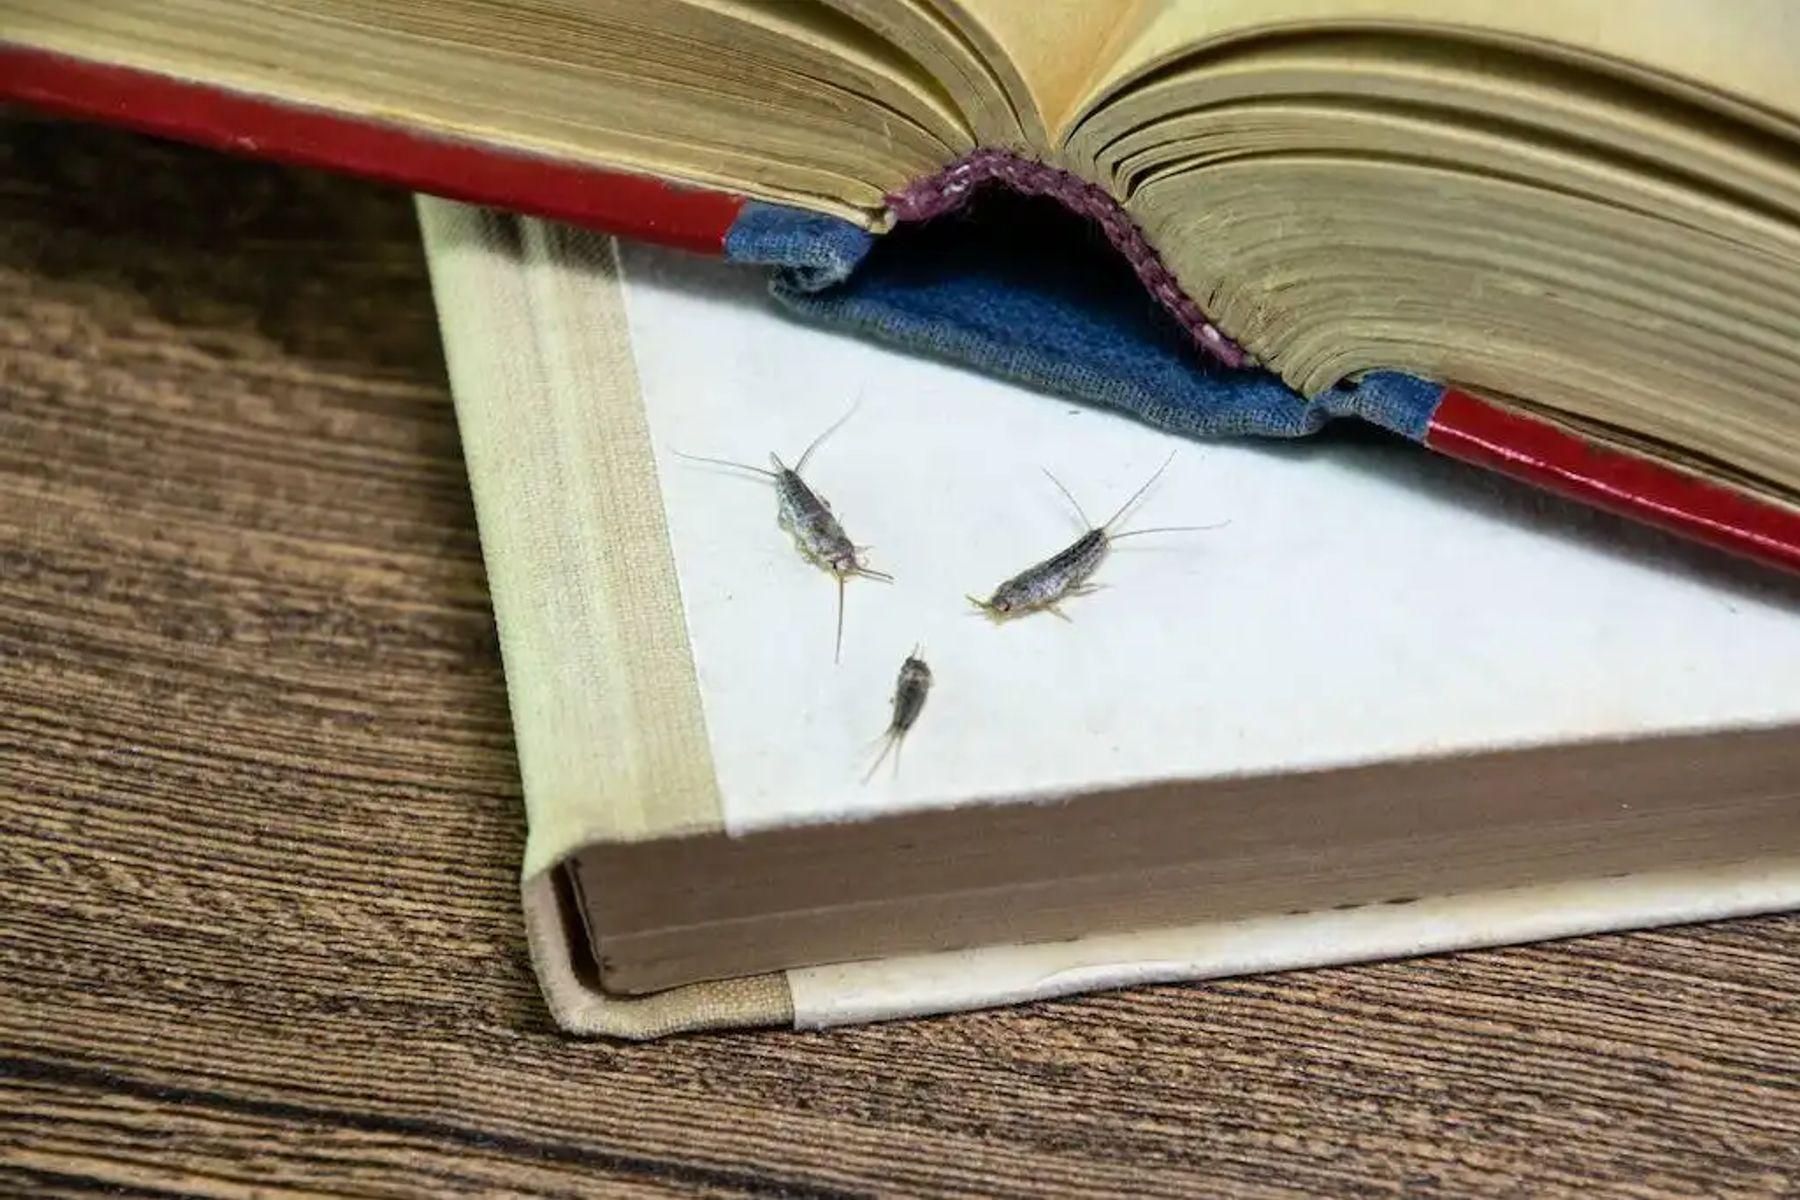 Các meo ngăn ngừa và phòng chống côn trùng vào nhà